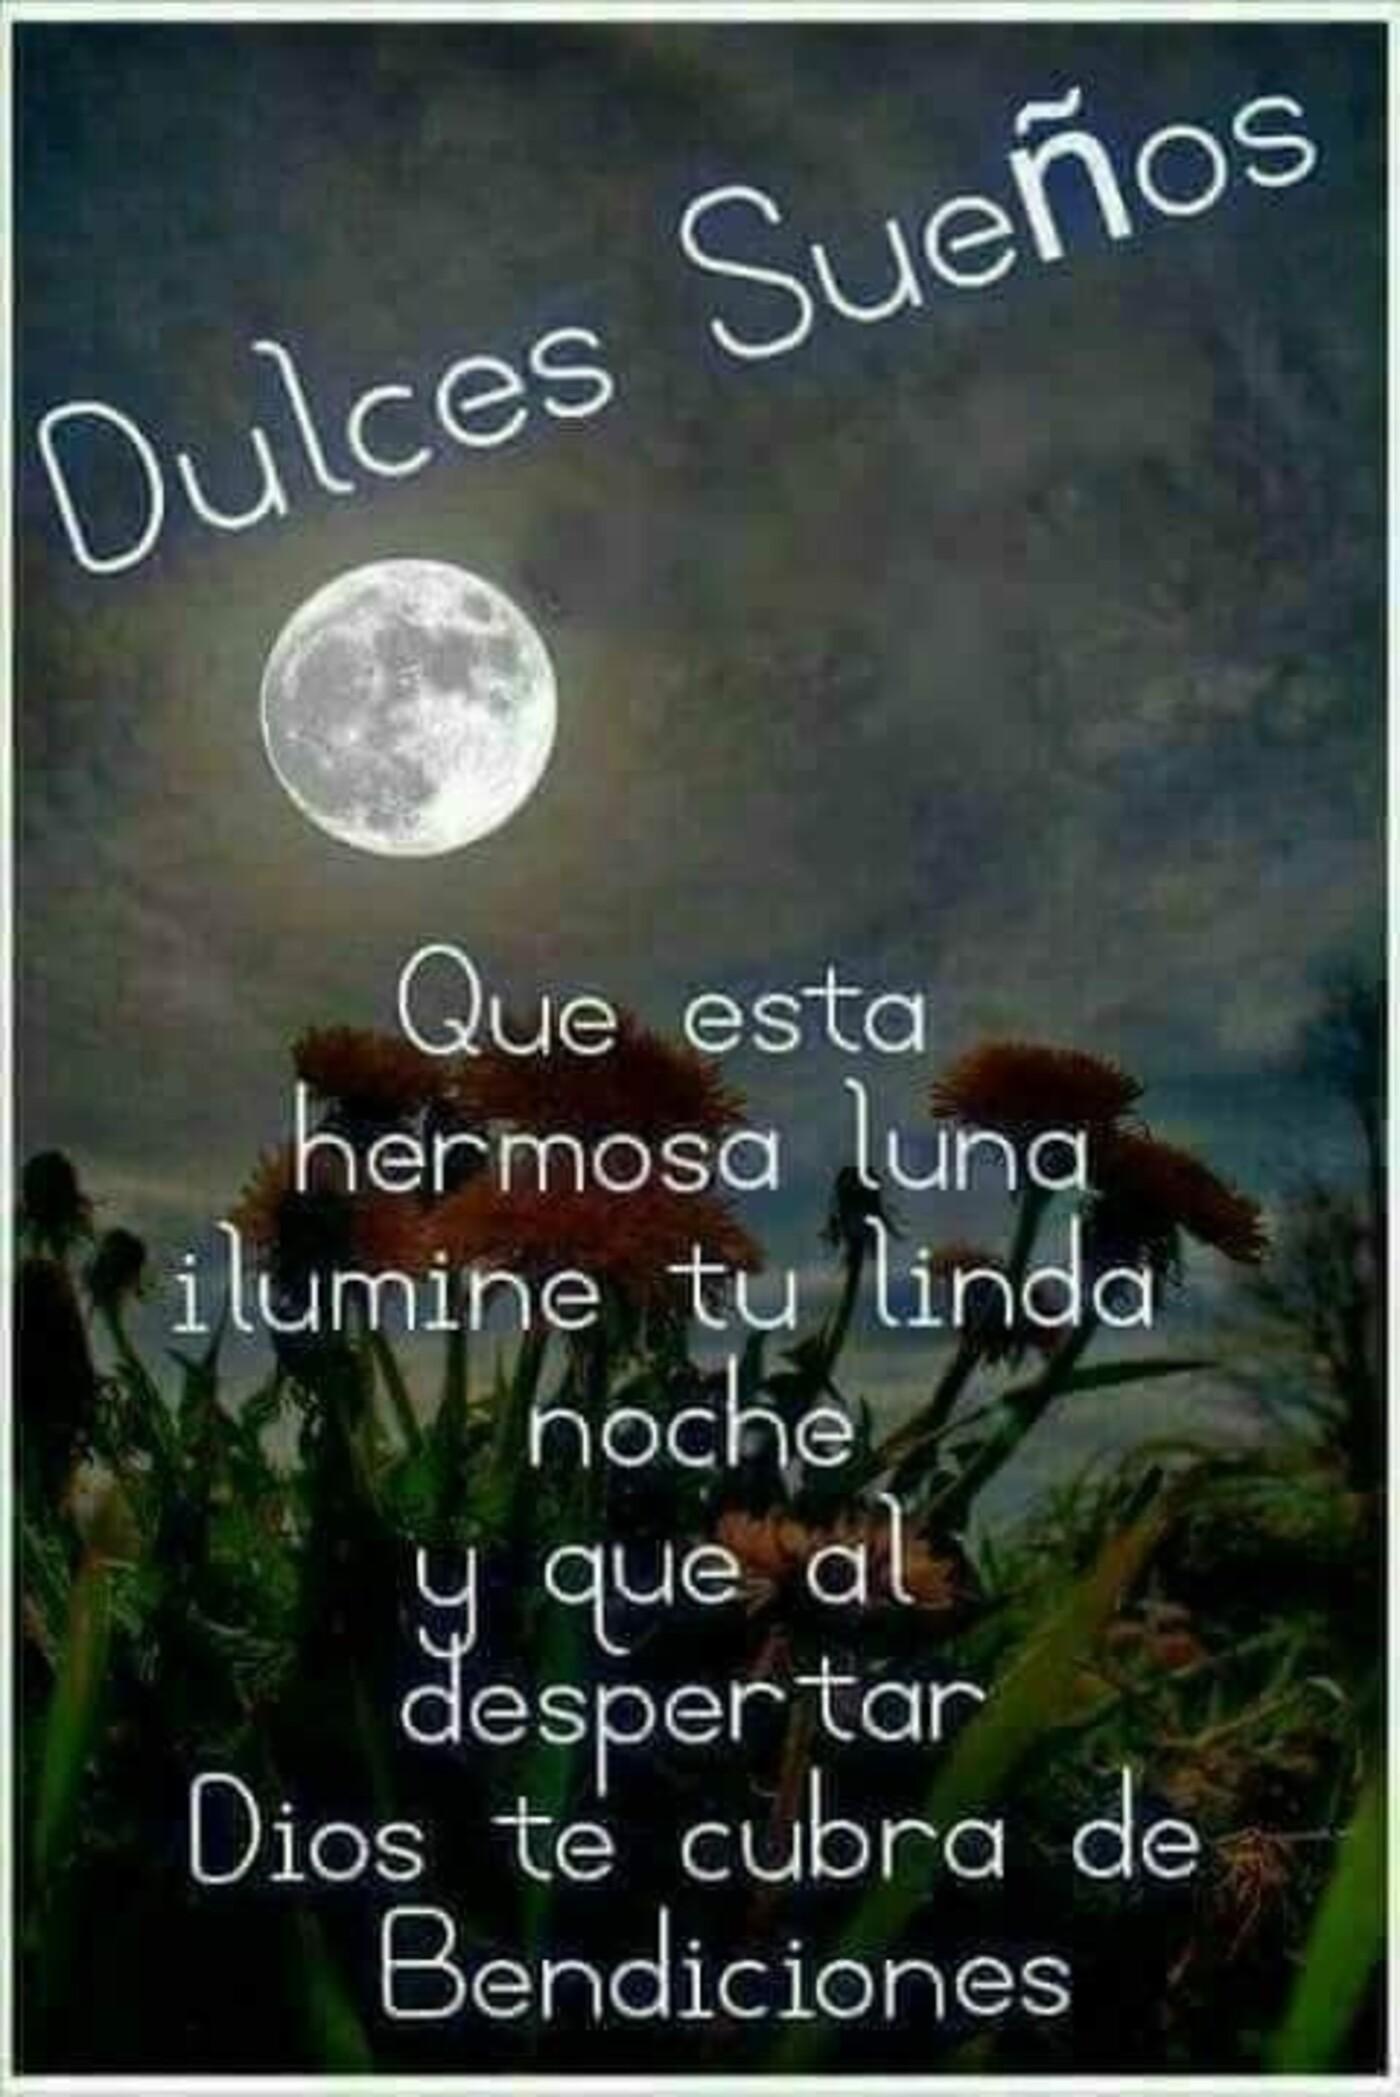 Dulces sueños que esta hermosa luna ilumine tu linda noche y que al despertar Dios te cubra de bendiciones!!